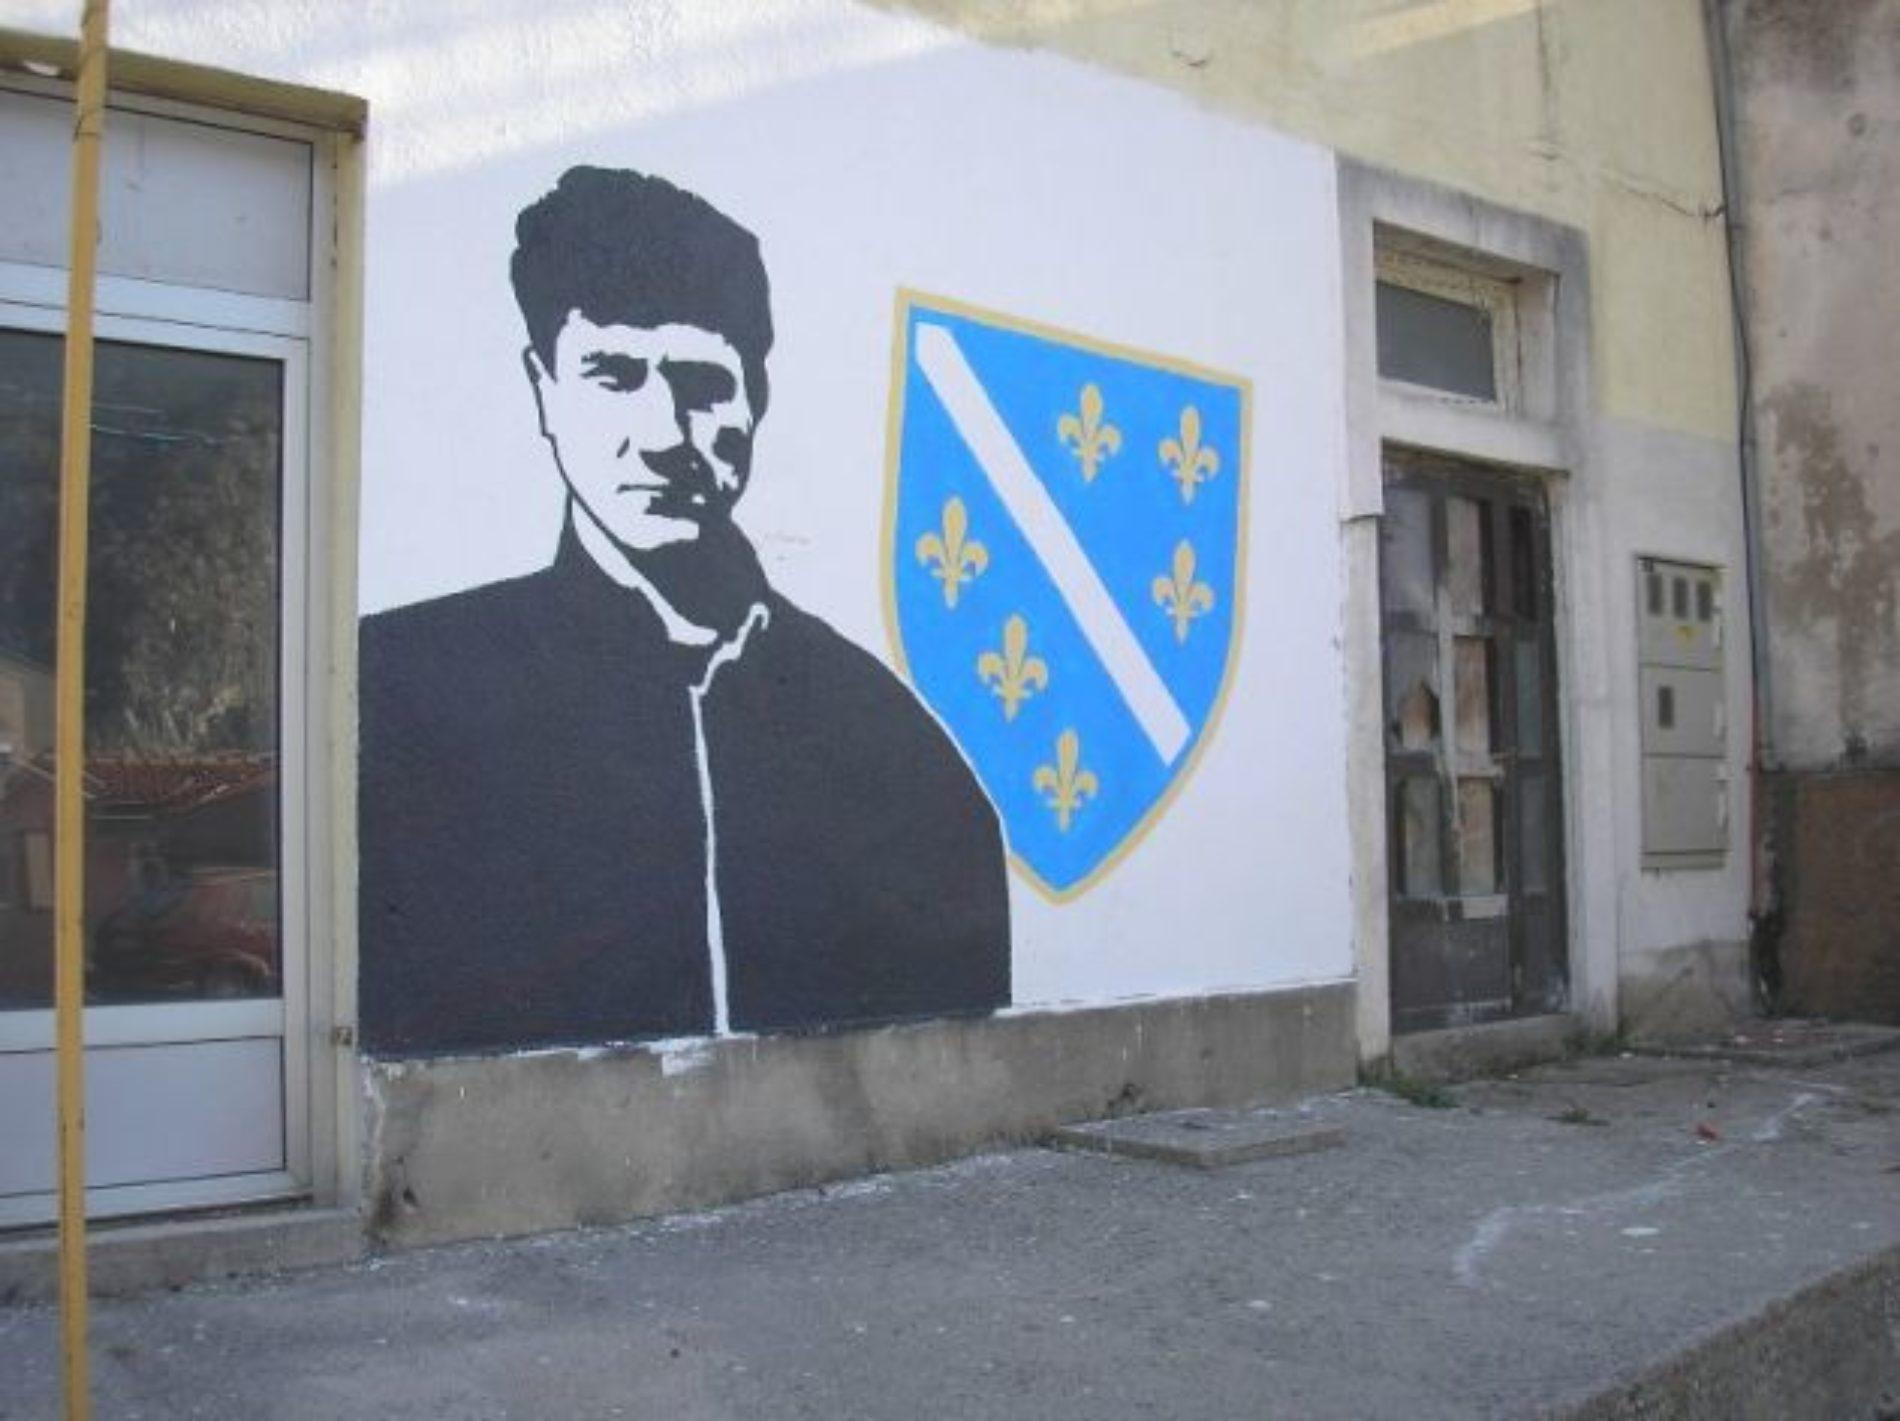 Obilježavanje 23. godišnjice deblokade Mostara, oslobađanja Bijelog polja i pogibije narodnog heroja Mithada Hujdura Hujke